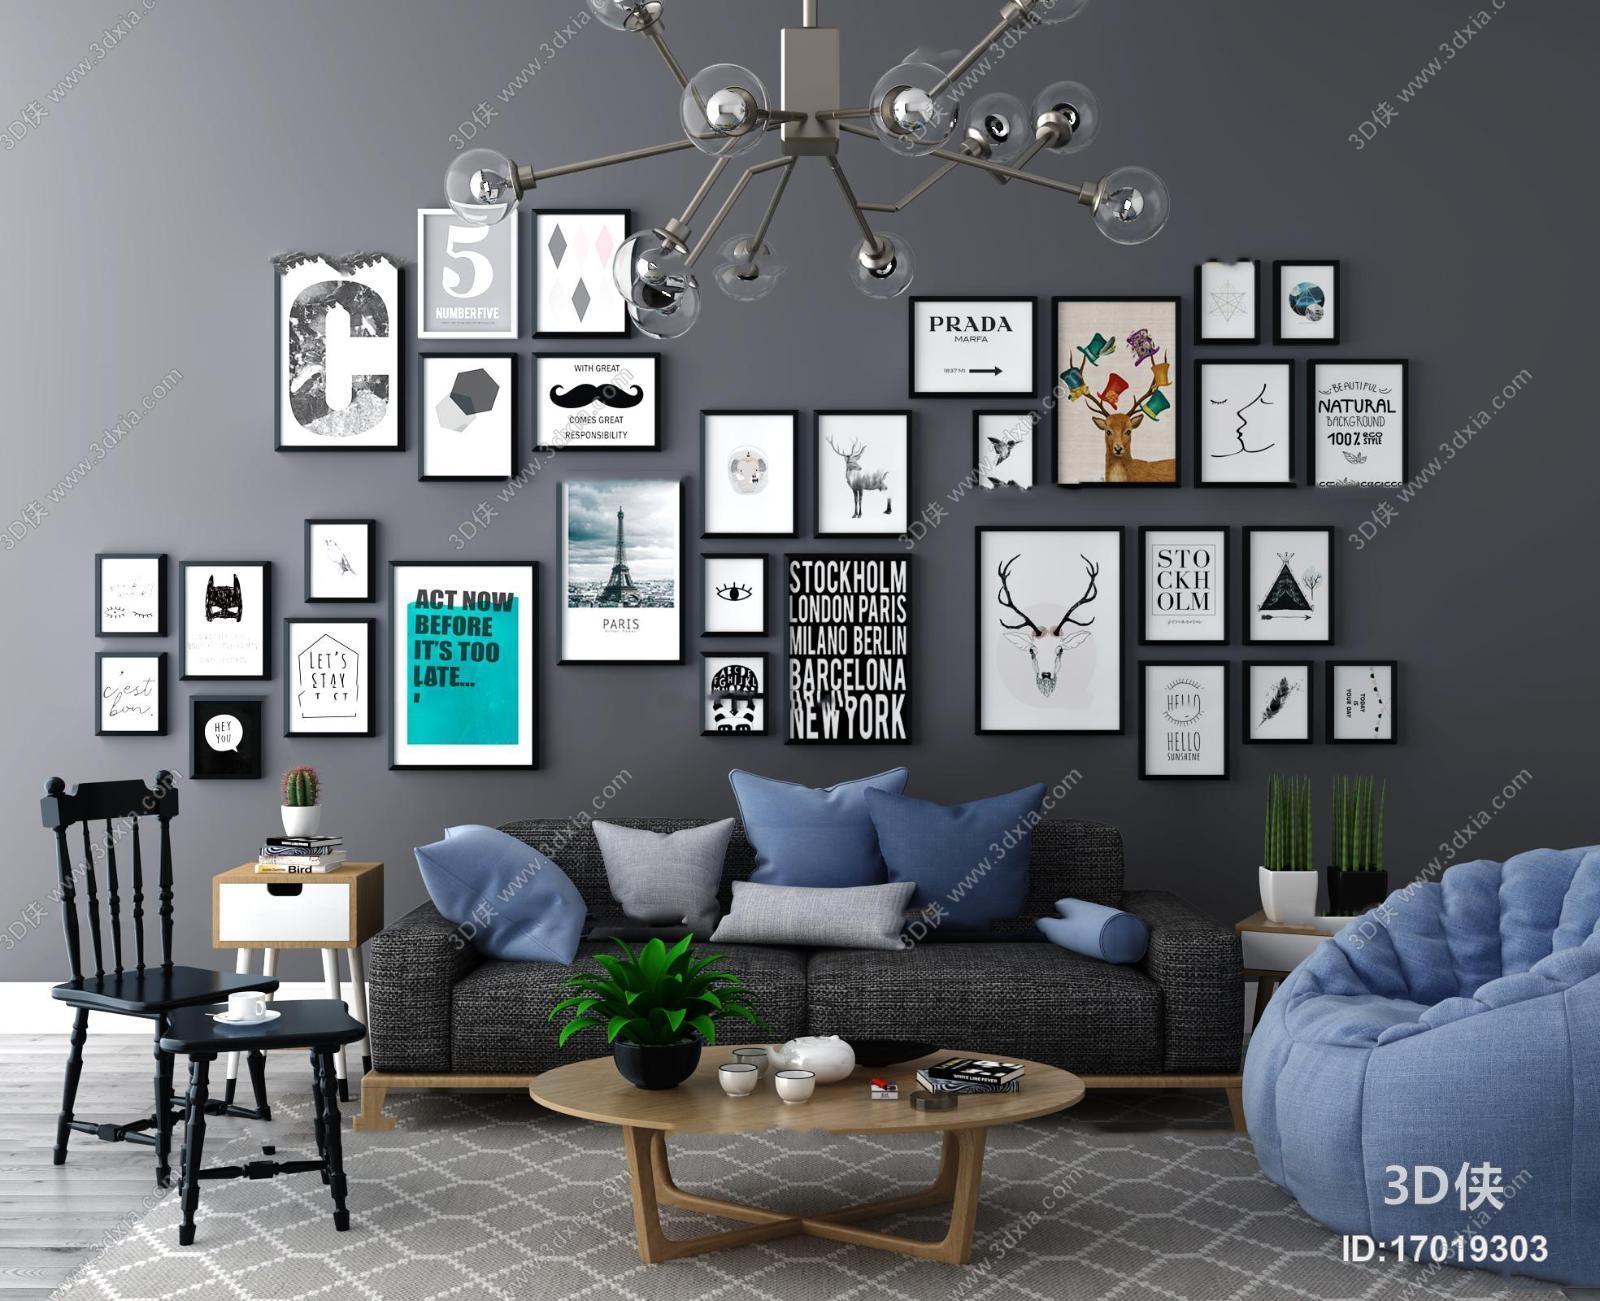 组合沙发效果图素材免费下载,本作品主题是北欧沙发单椅装饰画组合3d